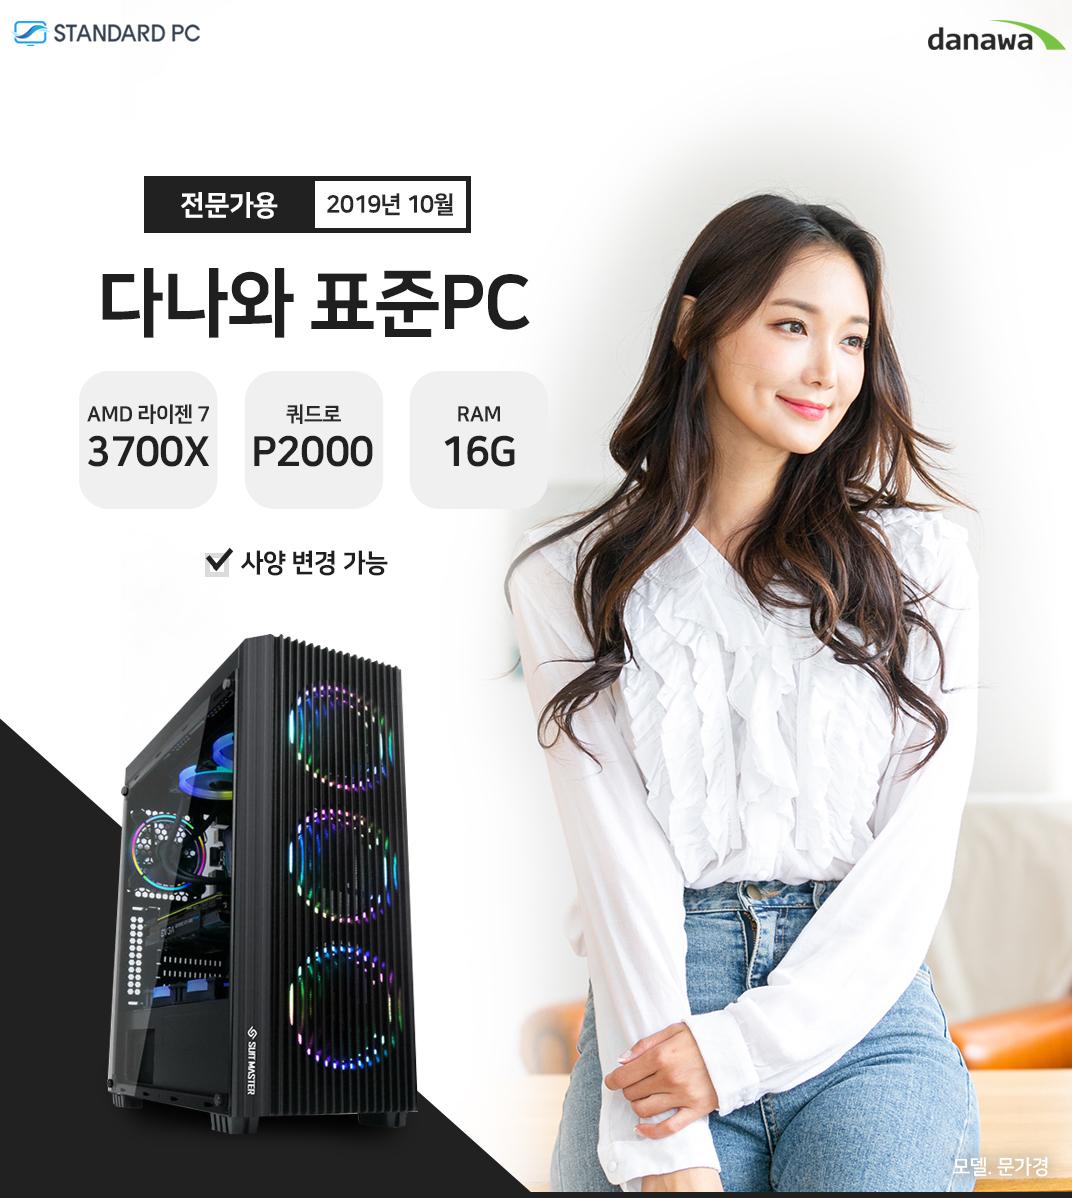 2019년 10월 다나와 표준PC PC방 에디션  AMD 라이젠 7 3700X 쿼드로 2000 RAM 16G 모델 문가경